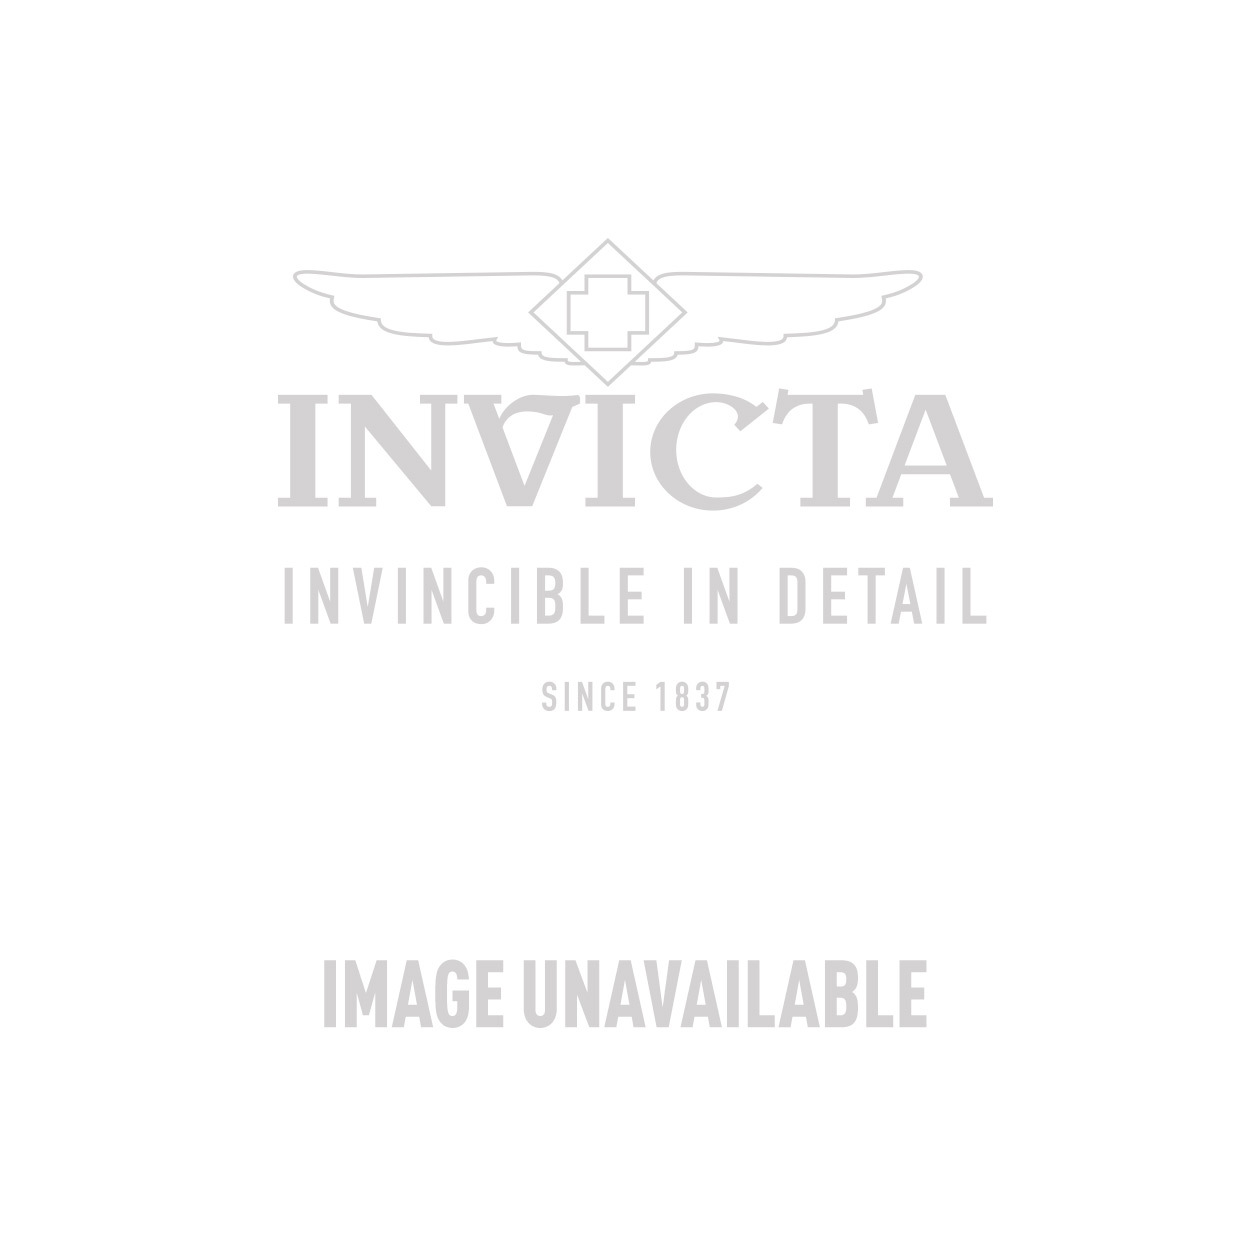 Invicta Subaqua  NOMA III Mens Quartz 50mm Gold Case  Stainless Steel Dial Model  - 16875